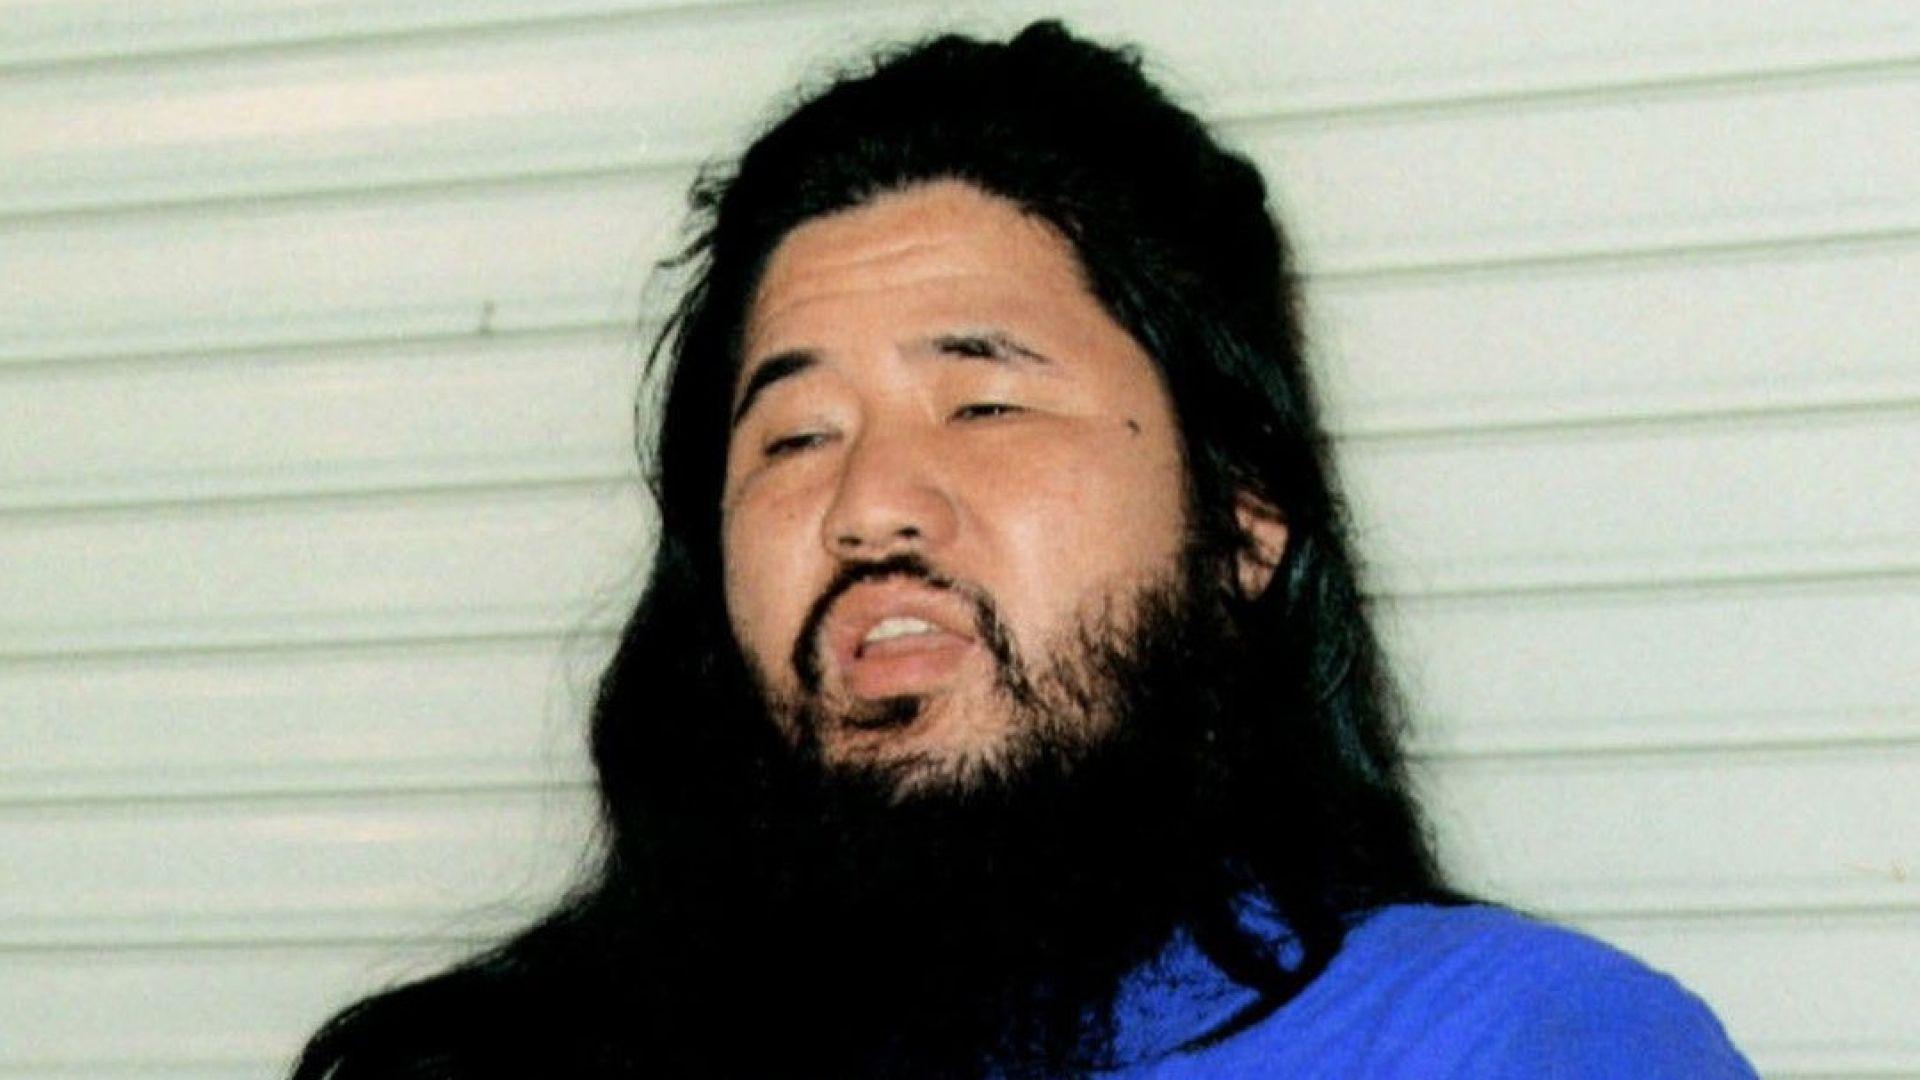 Шоко Асахара - лидер на сектата Аум Шинрикьо, вече обесен